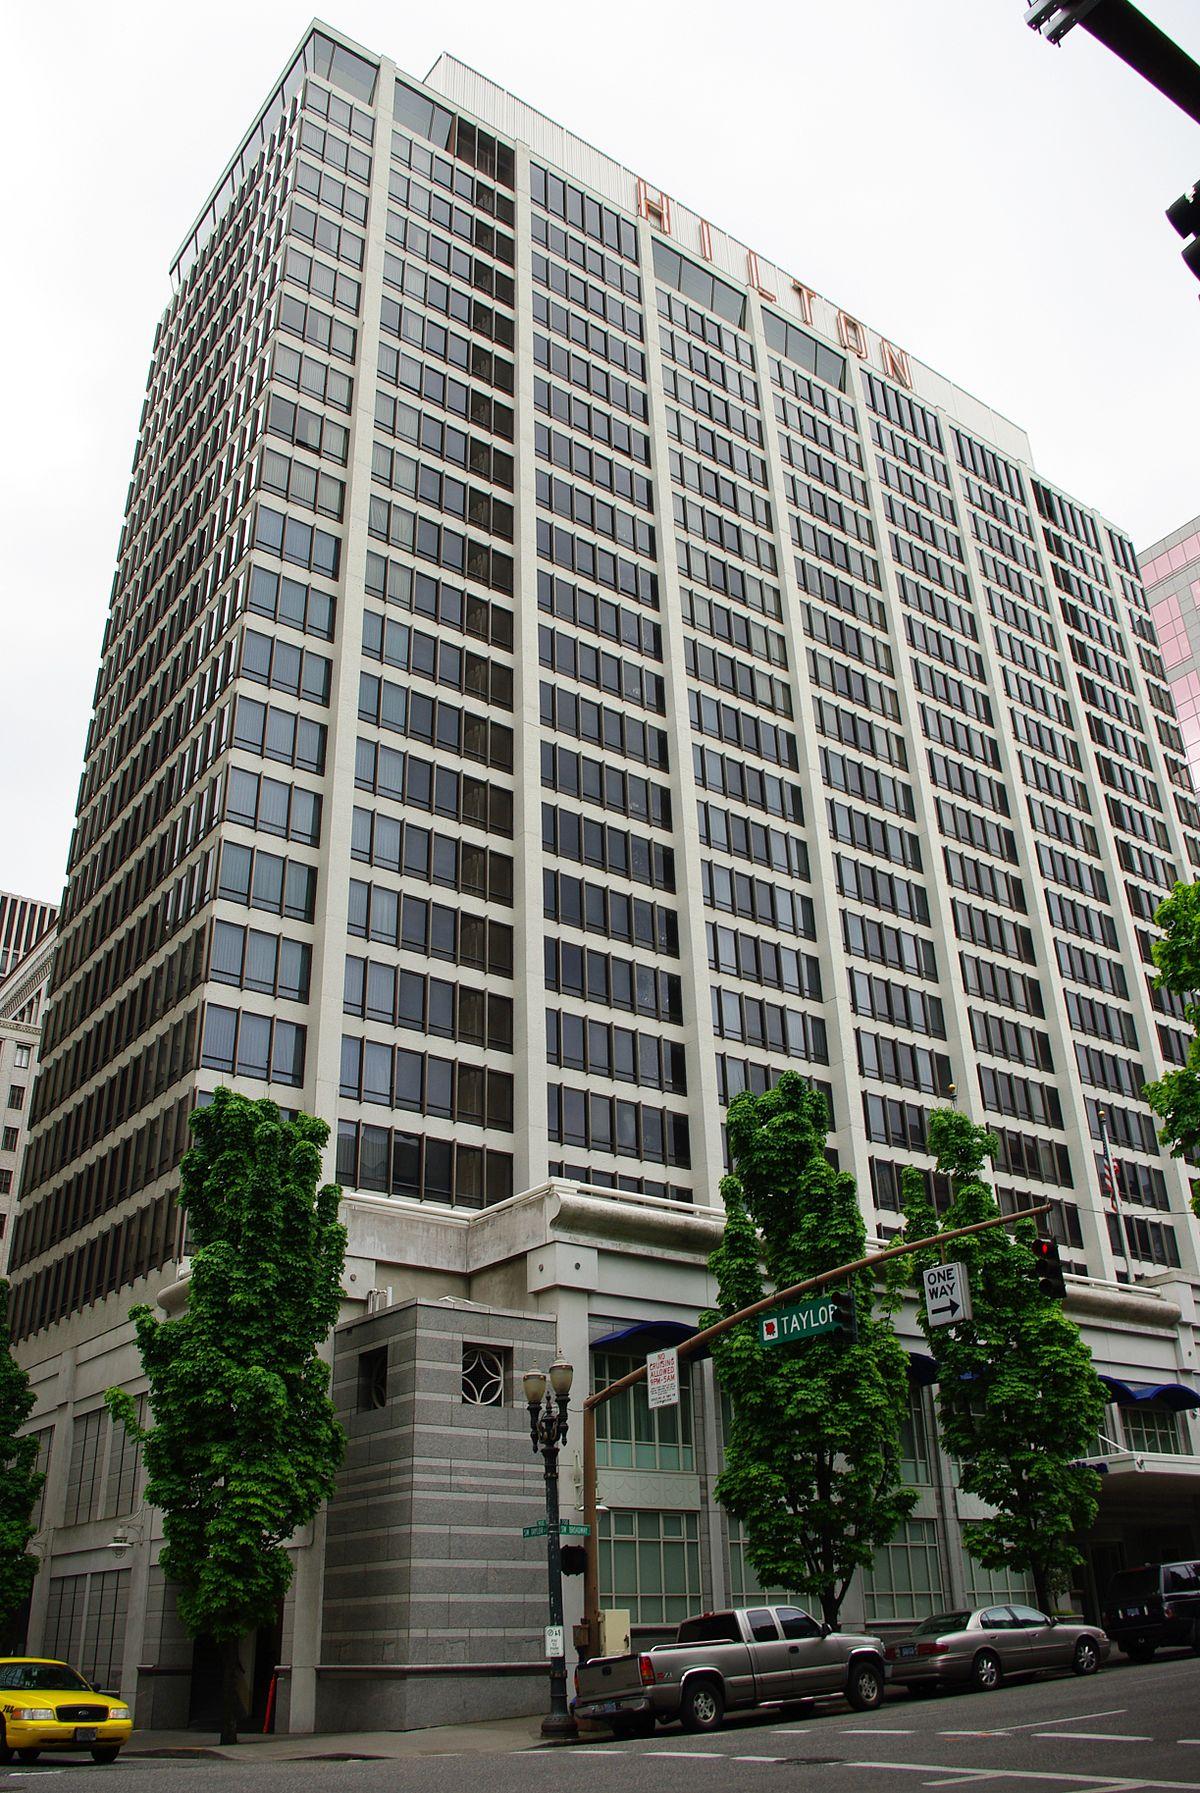 Hilton Portland Hotel